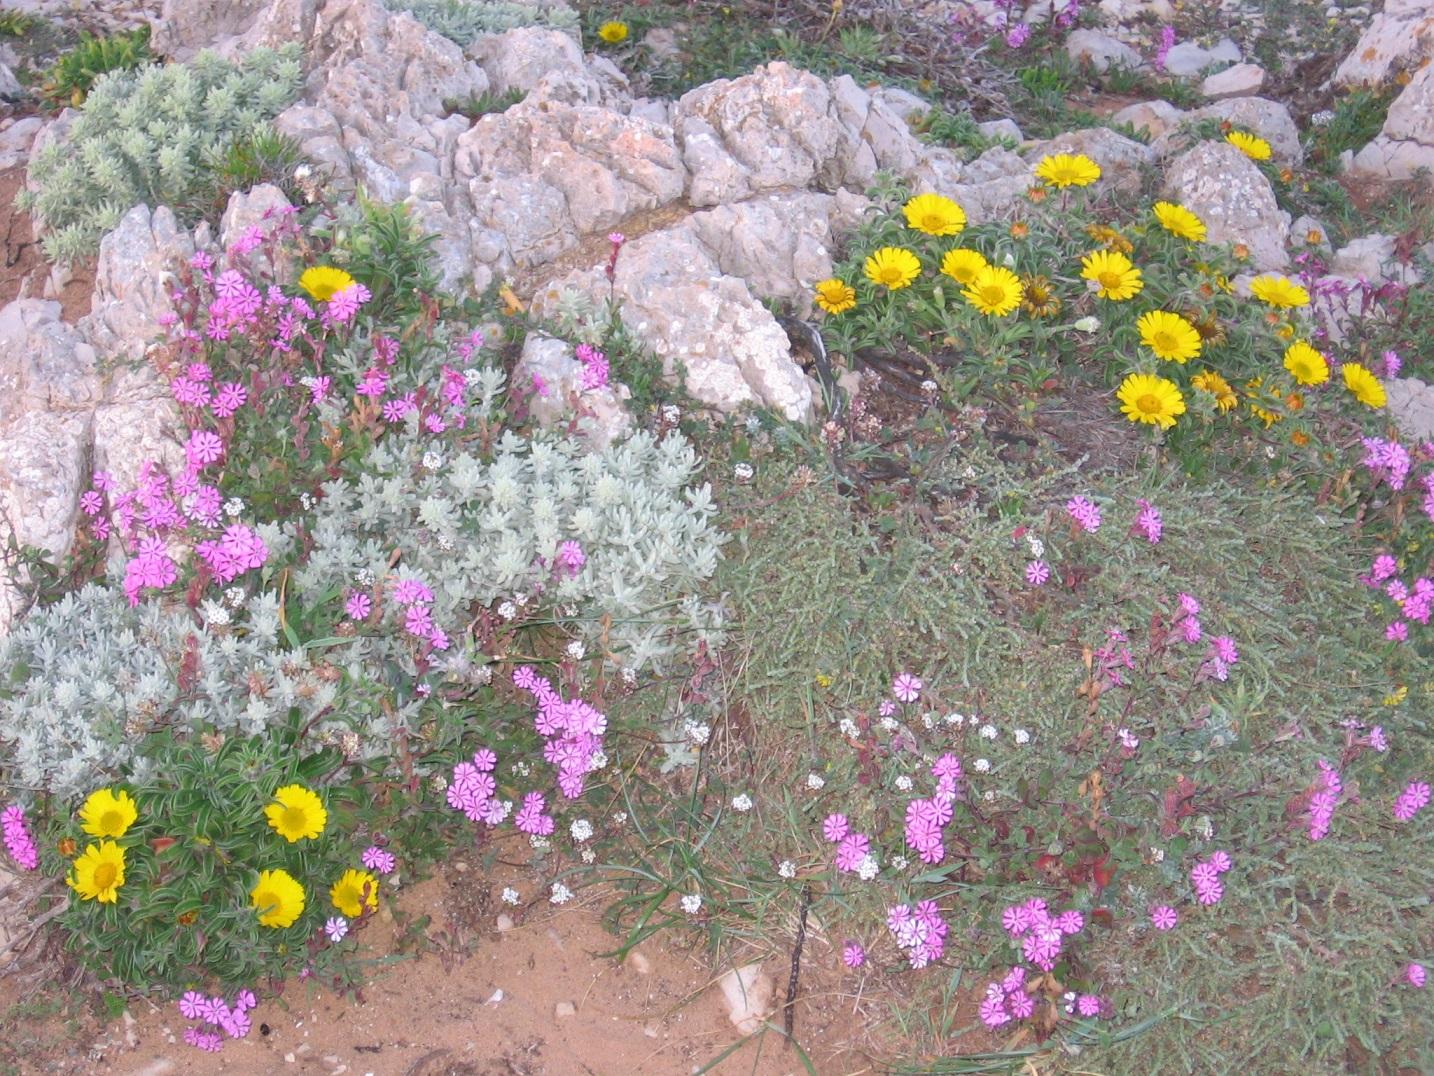 Proyectos con afecciones a la Red Natura 2000 - PERSEA Soluciones Ambientales S.L.